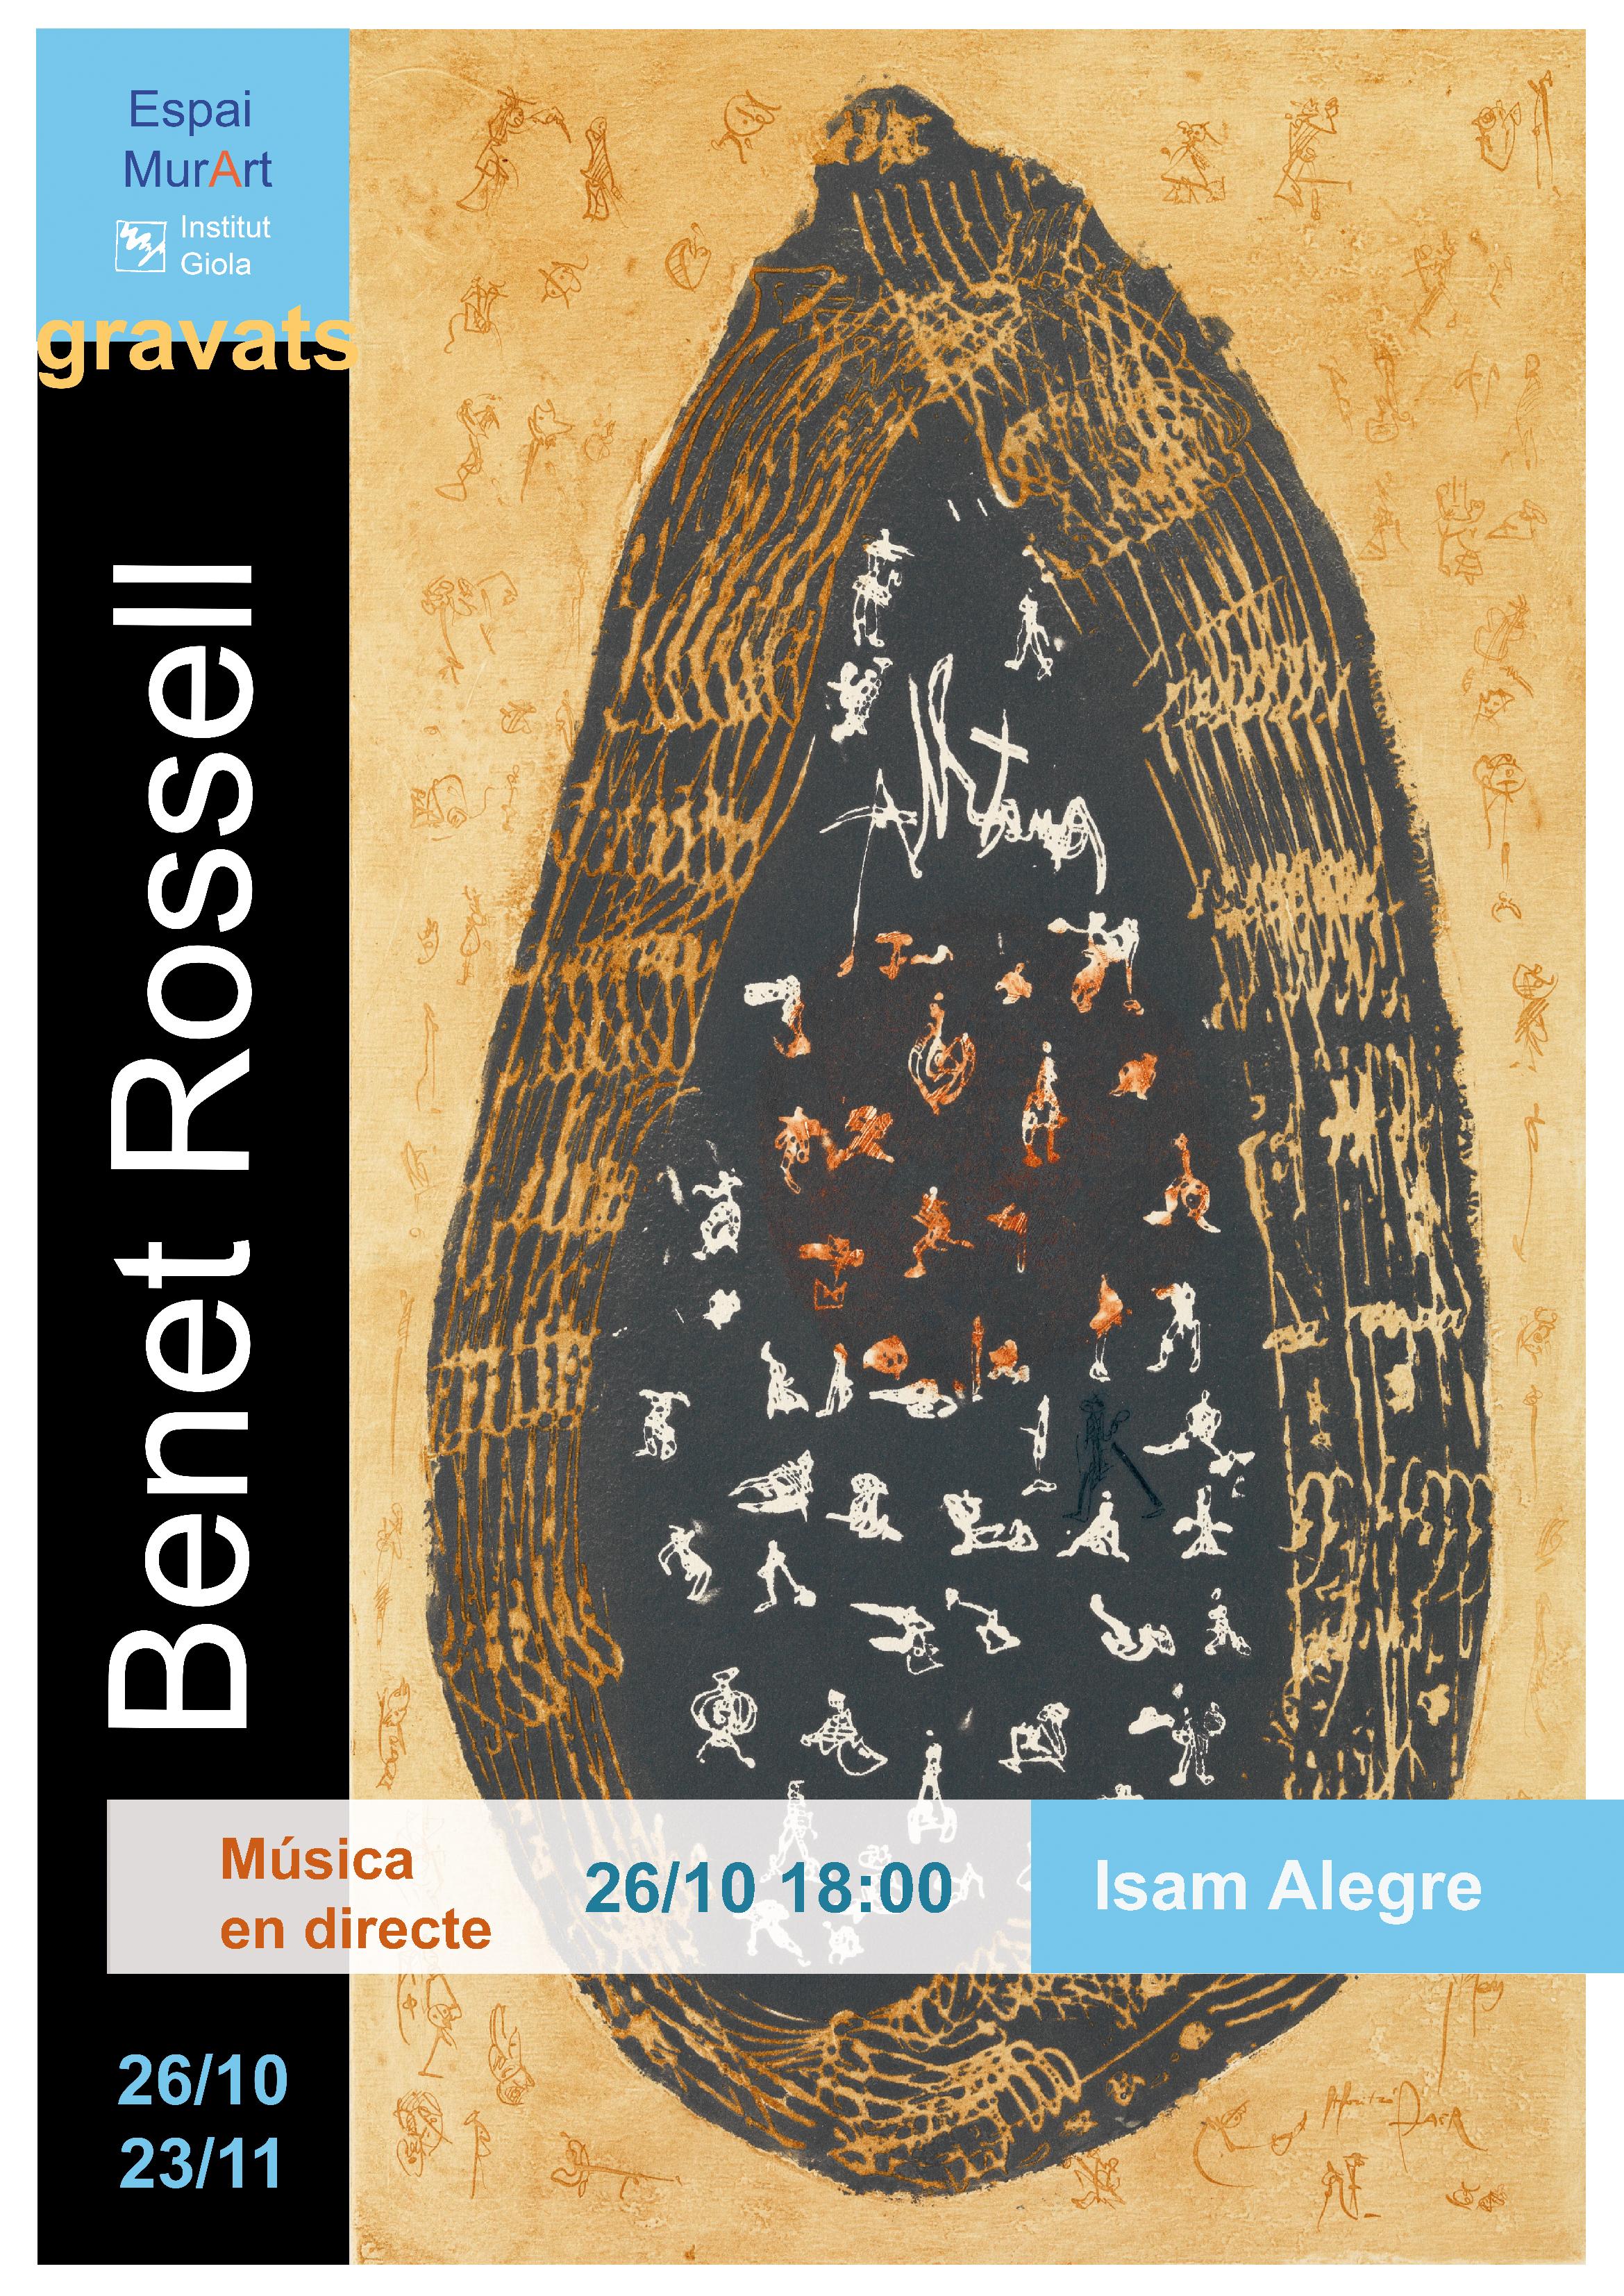 Exposició de Benet Rossell al MurArt de l'institut Giola